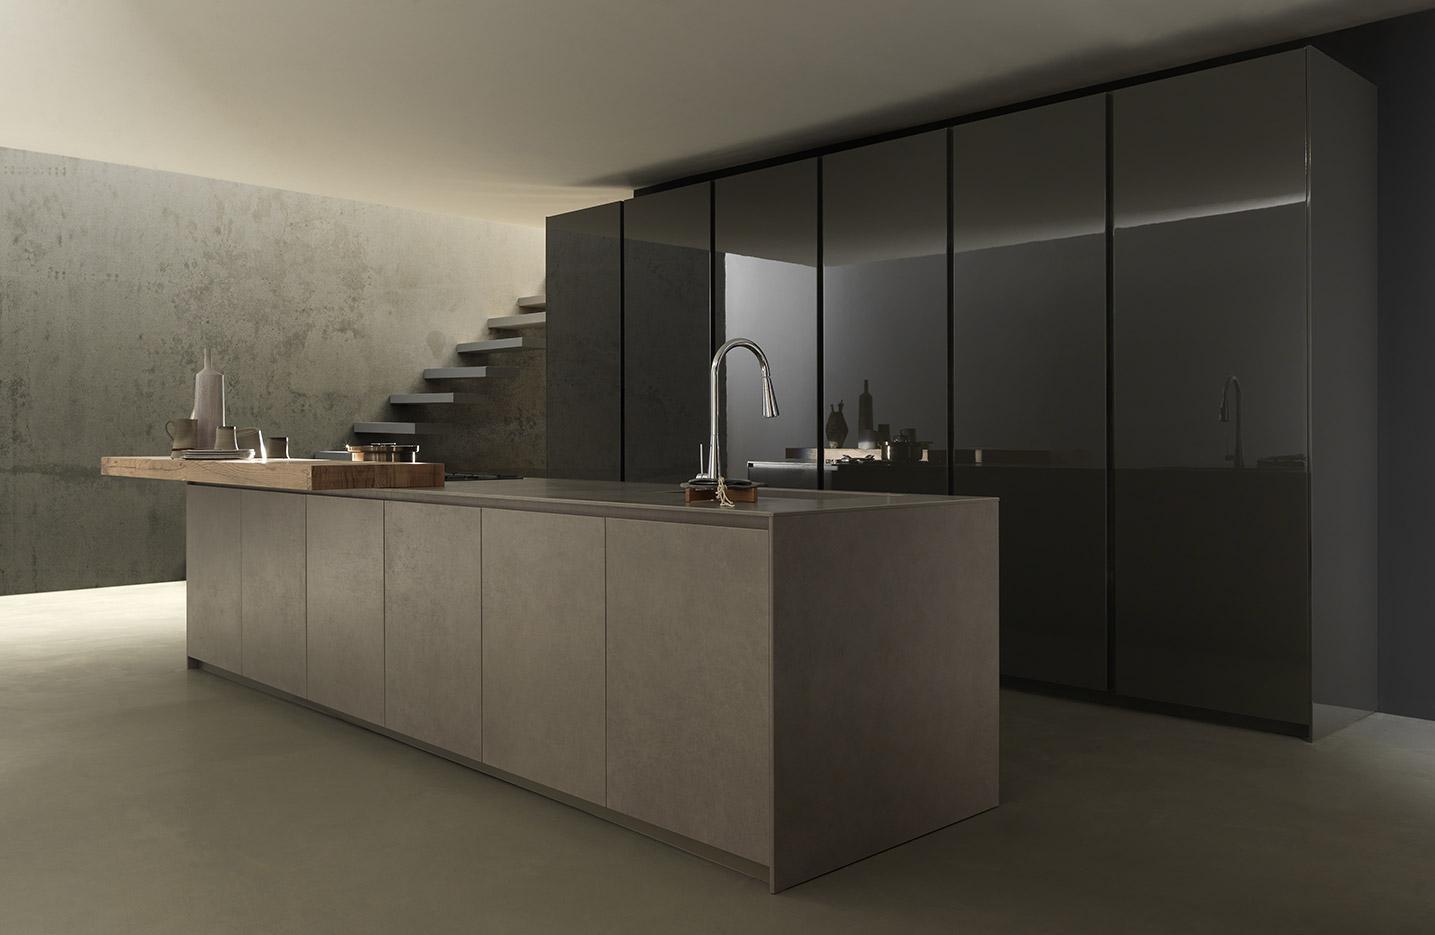 Blade Cucina di Modulnova   Cucine - Arredamento   Mollura Home Design